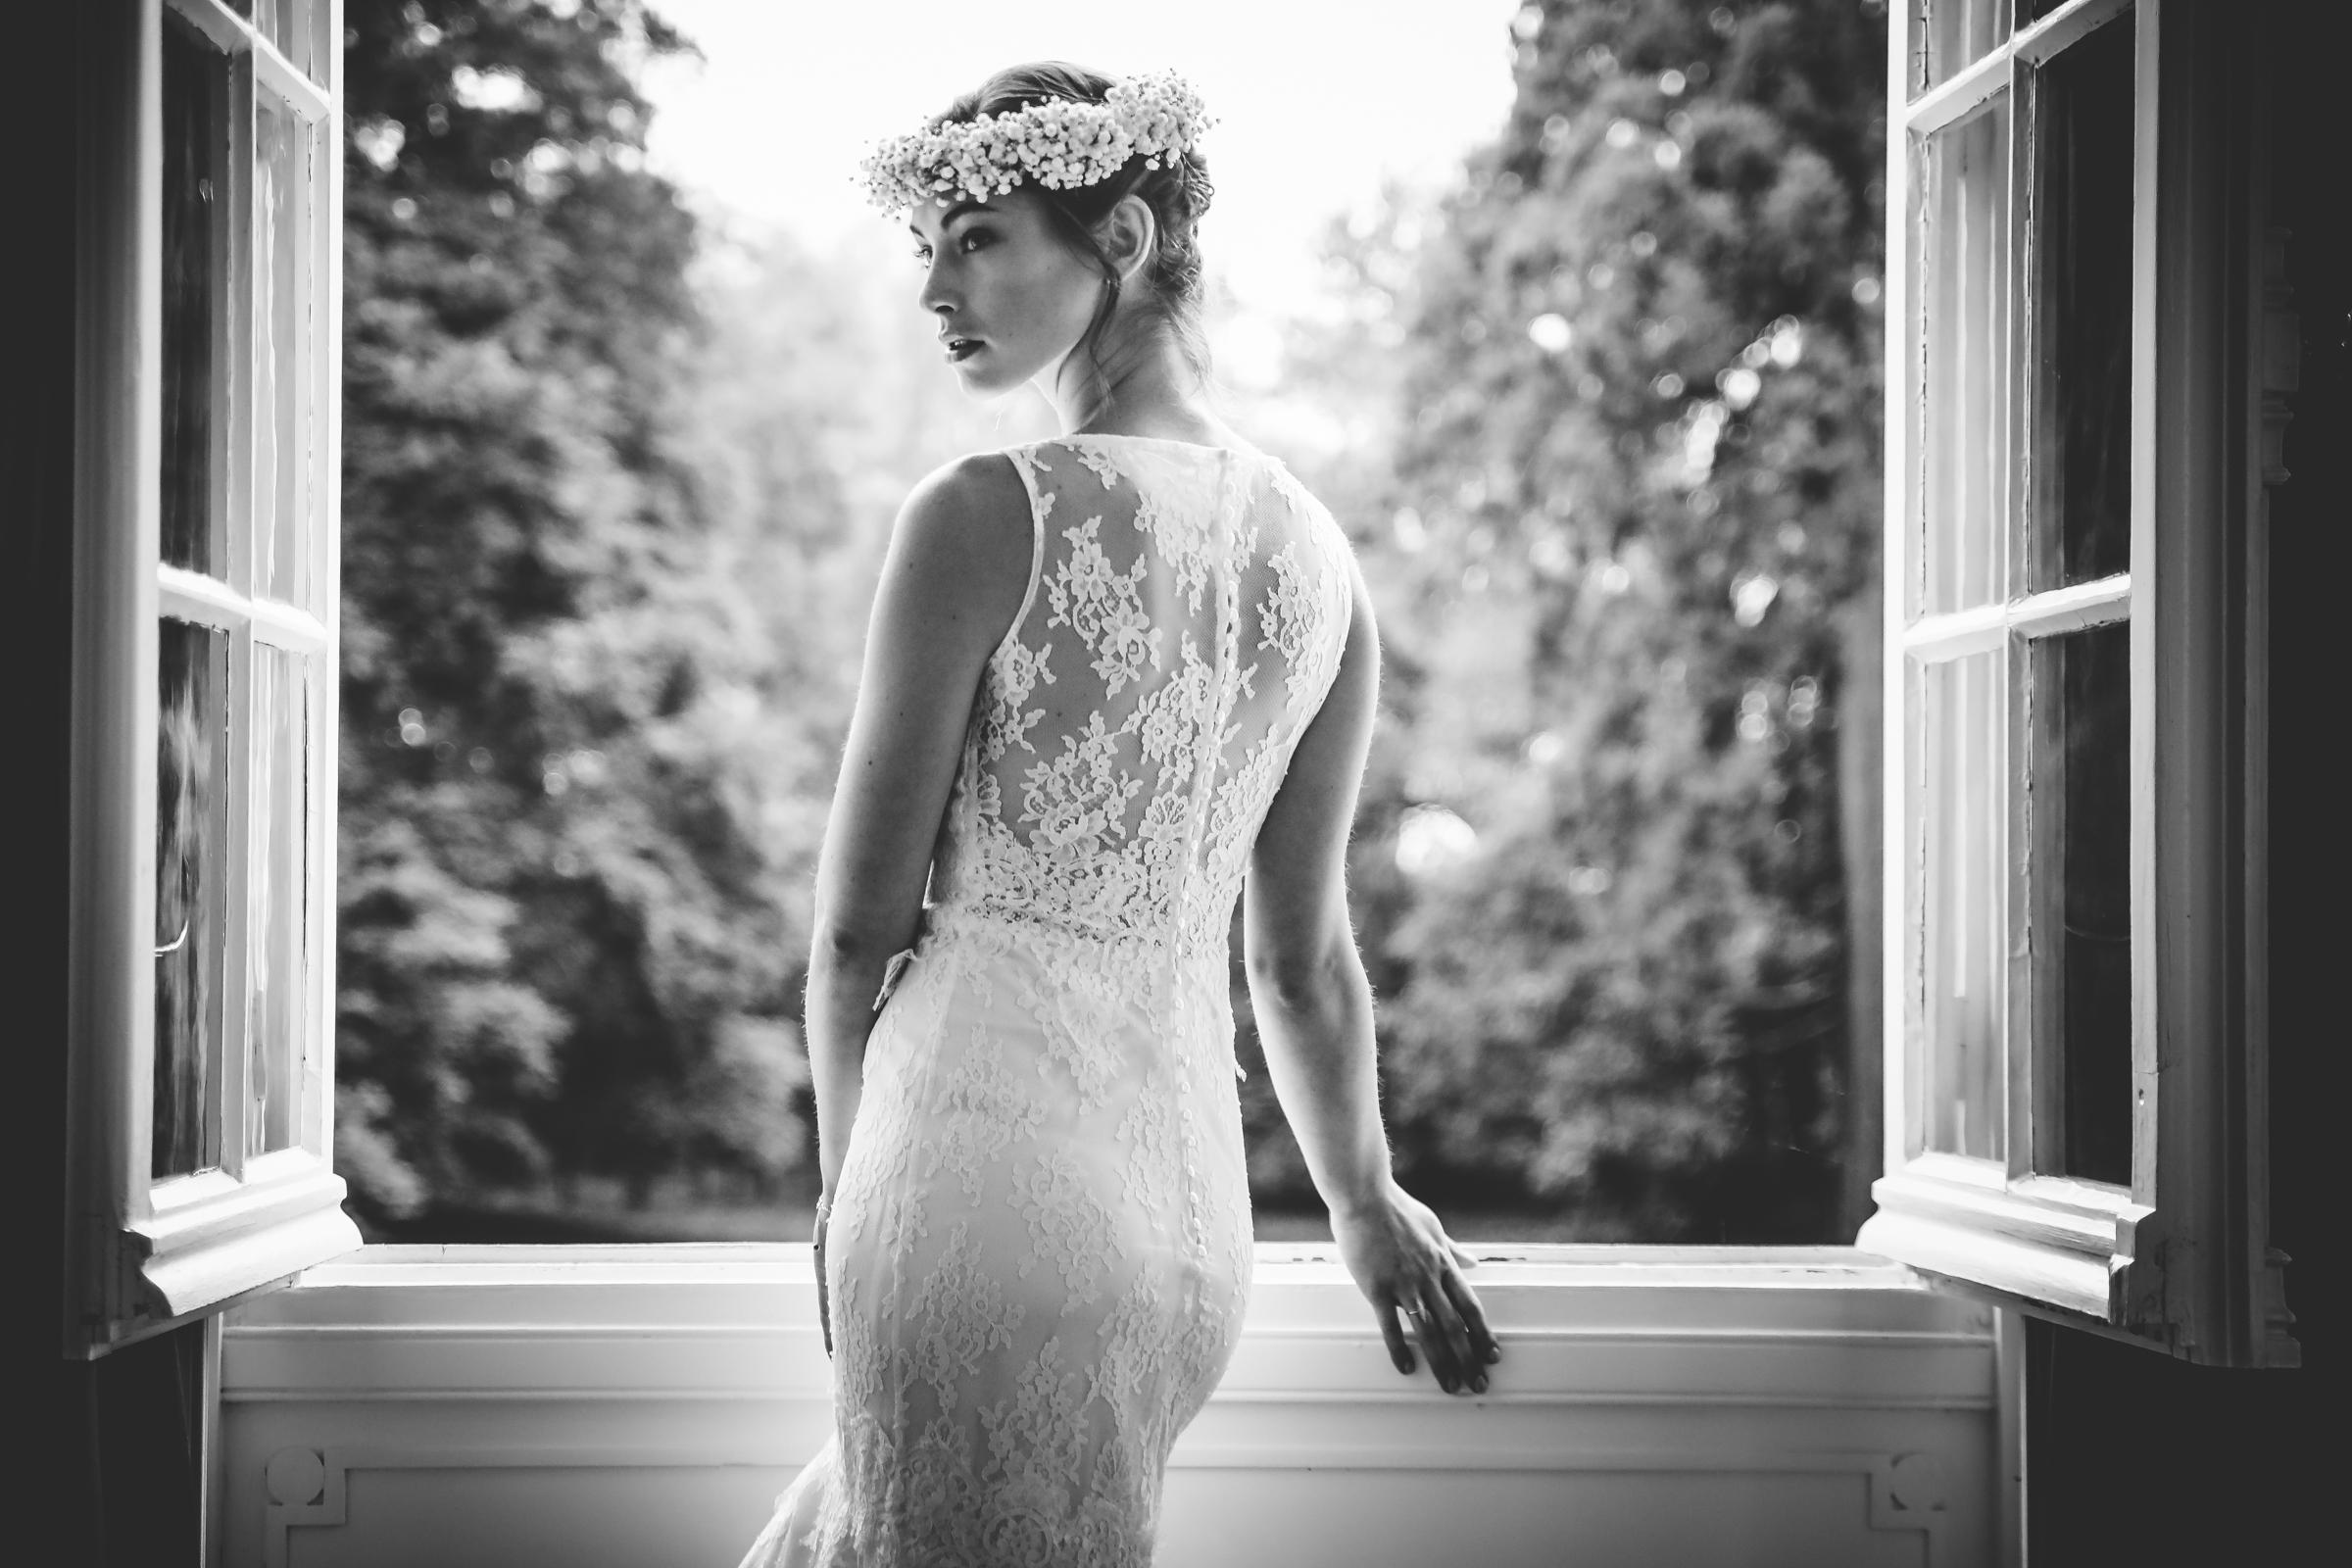 Bride portrait against dutch door - photo by Julien Laurent-Georges